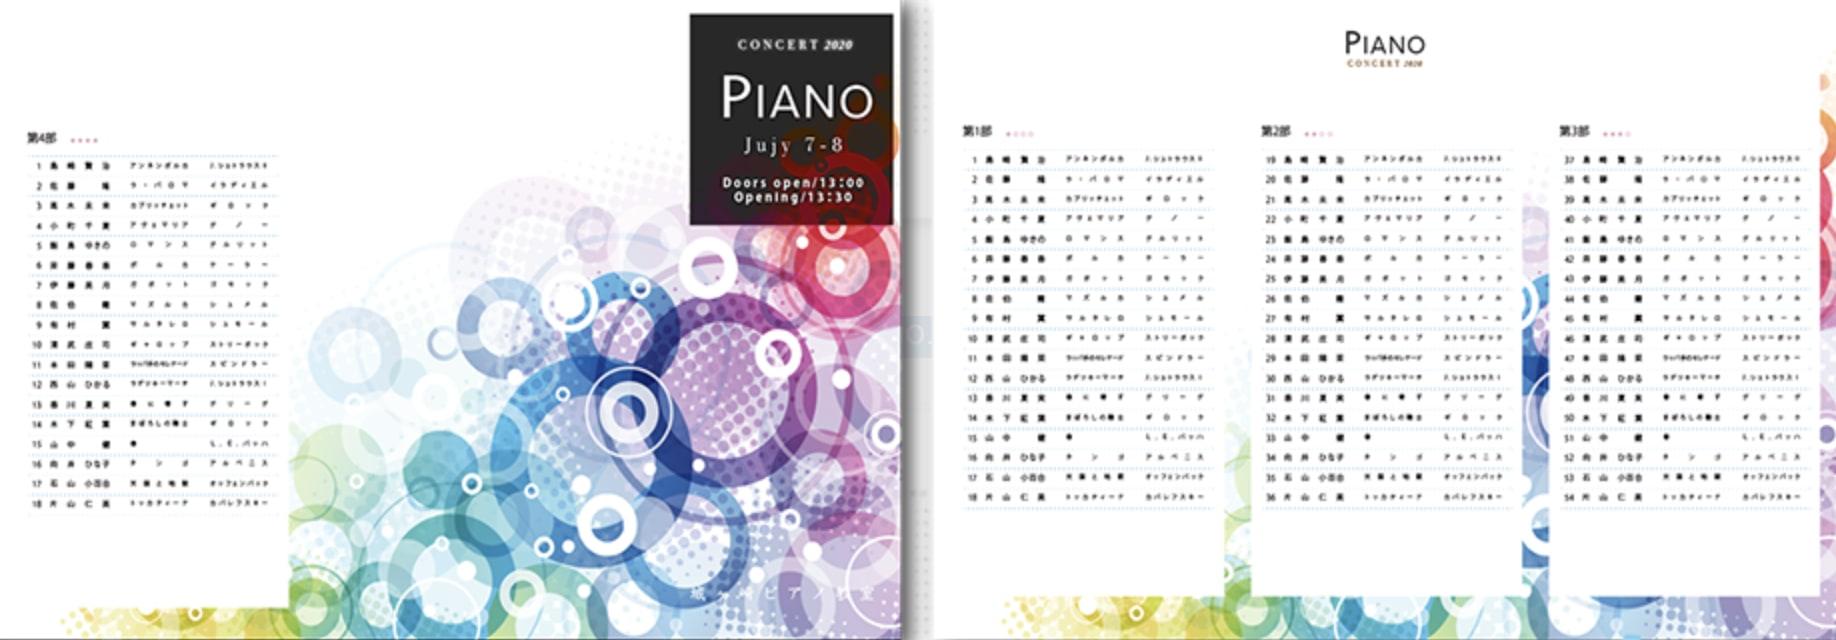 ピアノプログラムデザイン